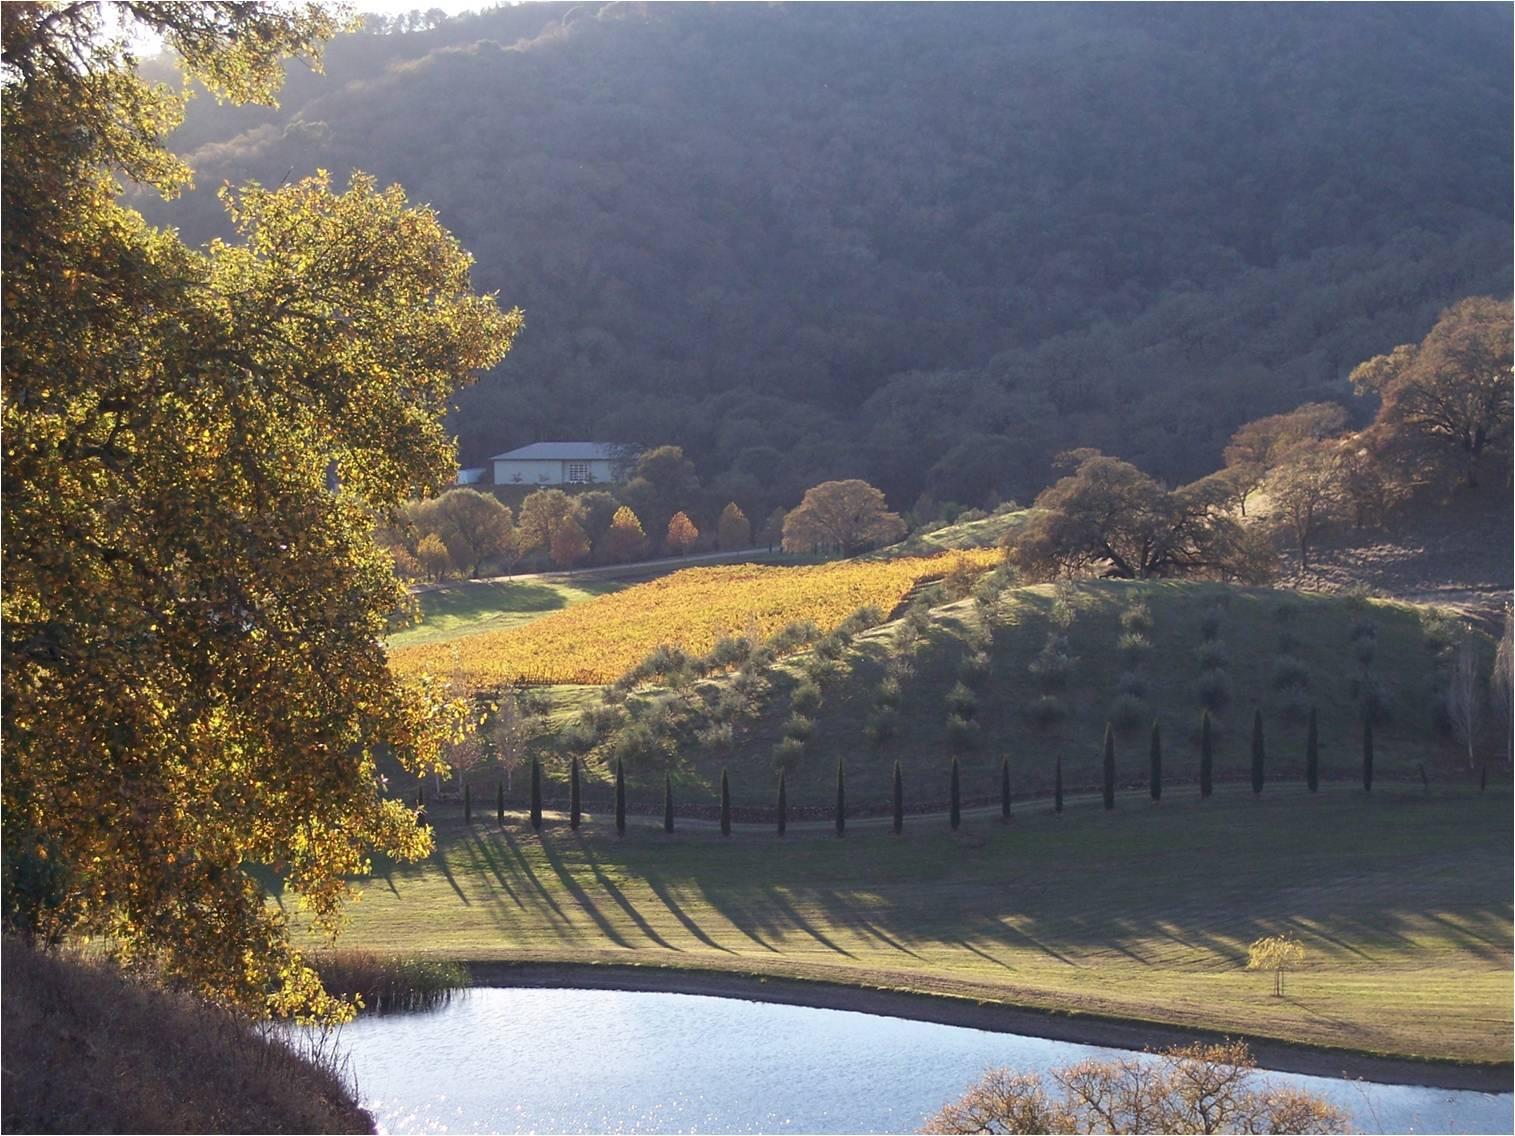 2011-02-17-4hilltopview1.jpg